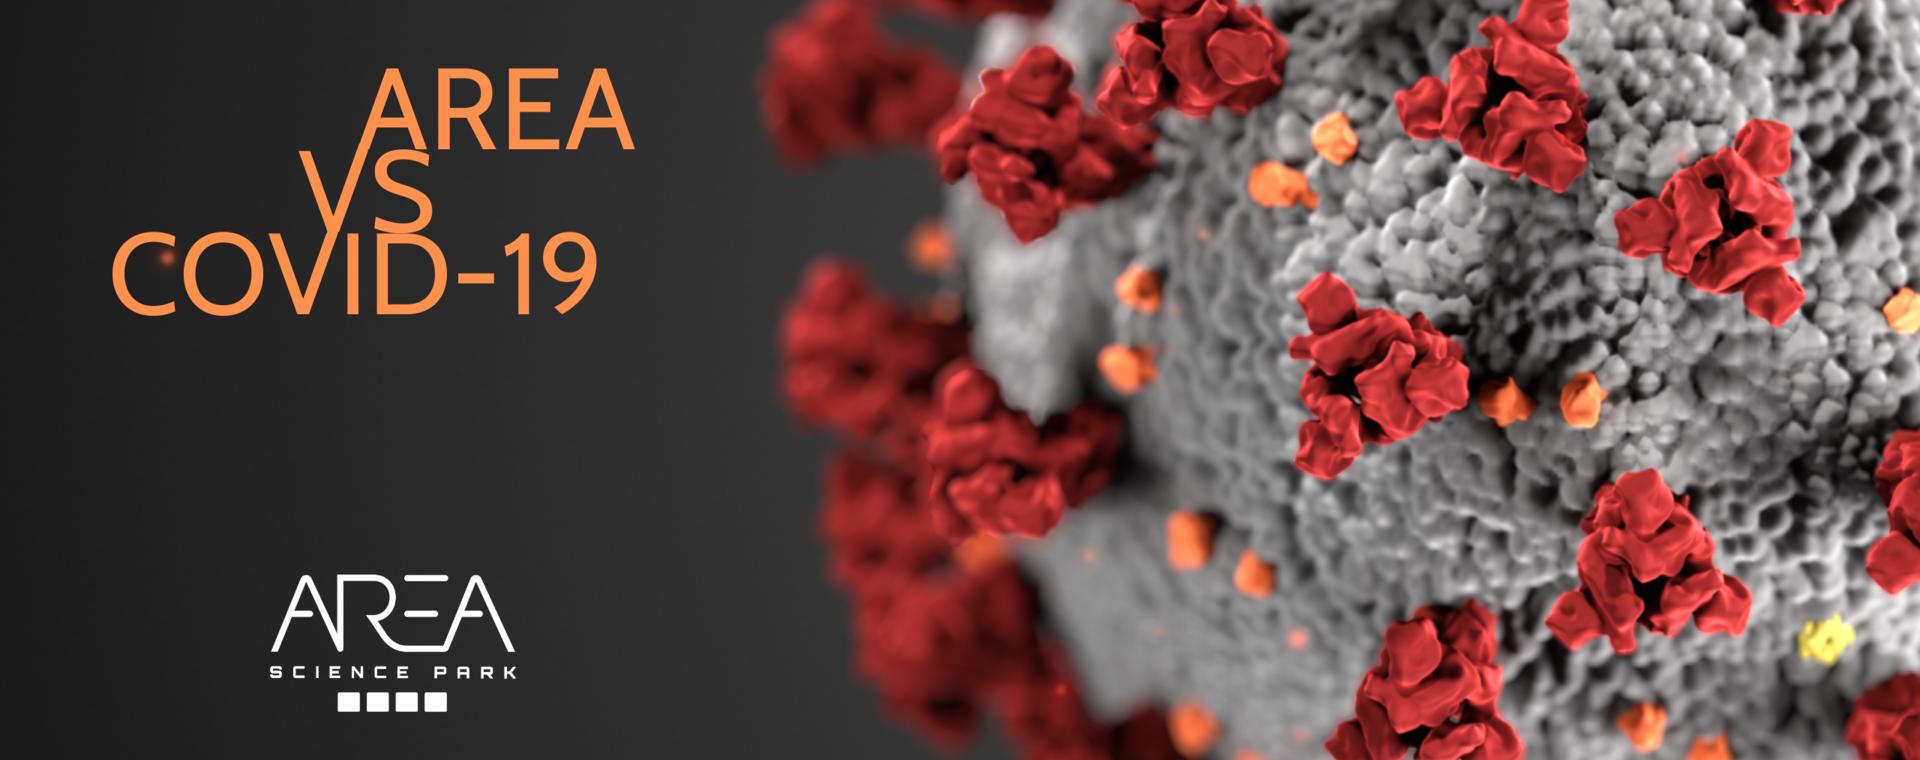 EXSCALATE4CoV individua il Raloxifene come farmaco anti SARS-CoV-2